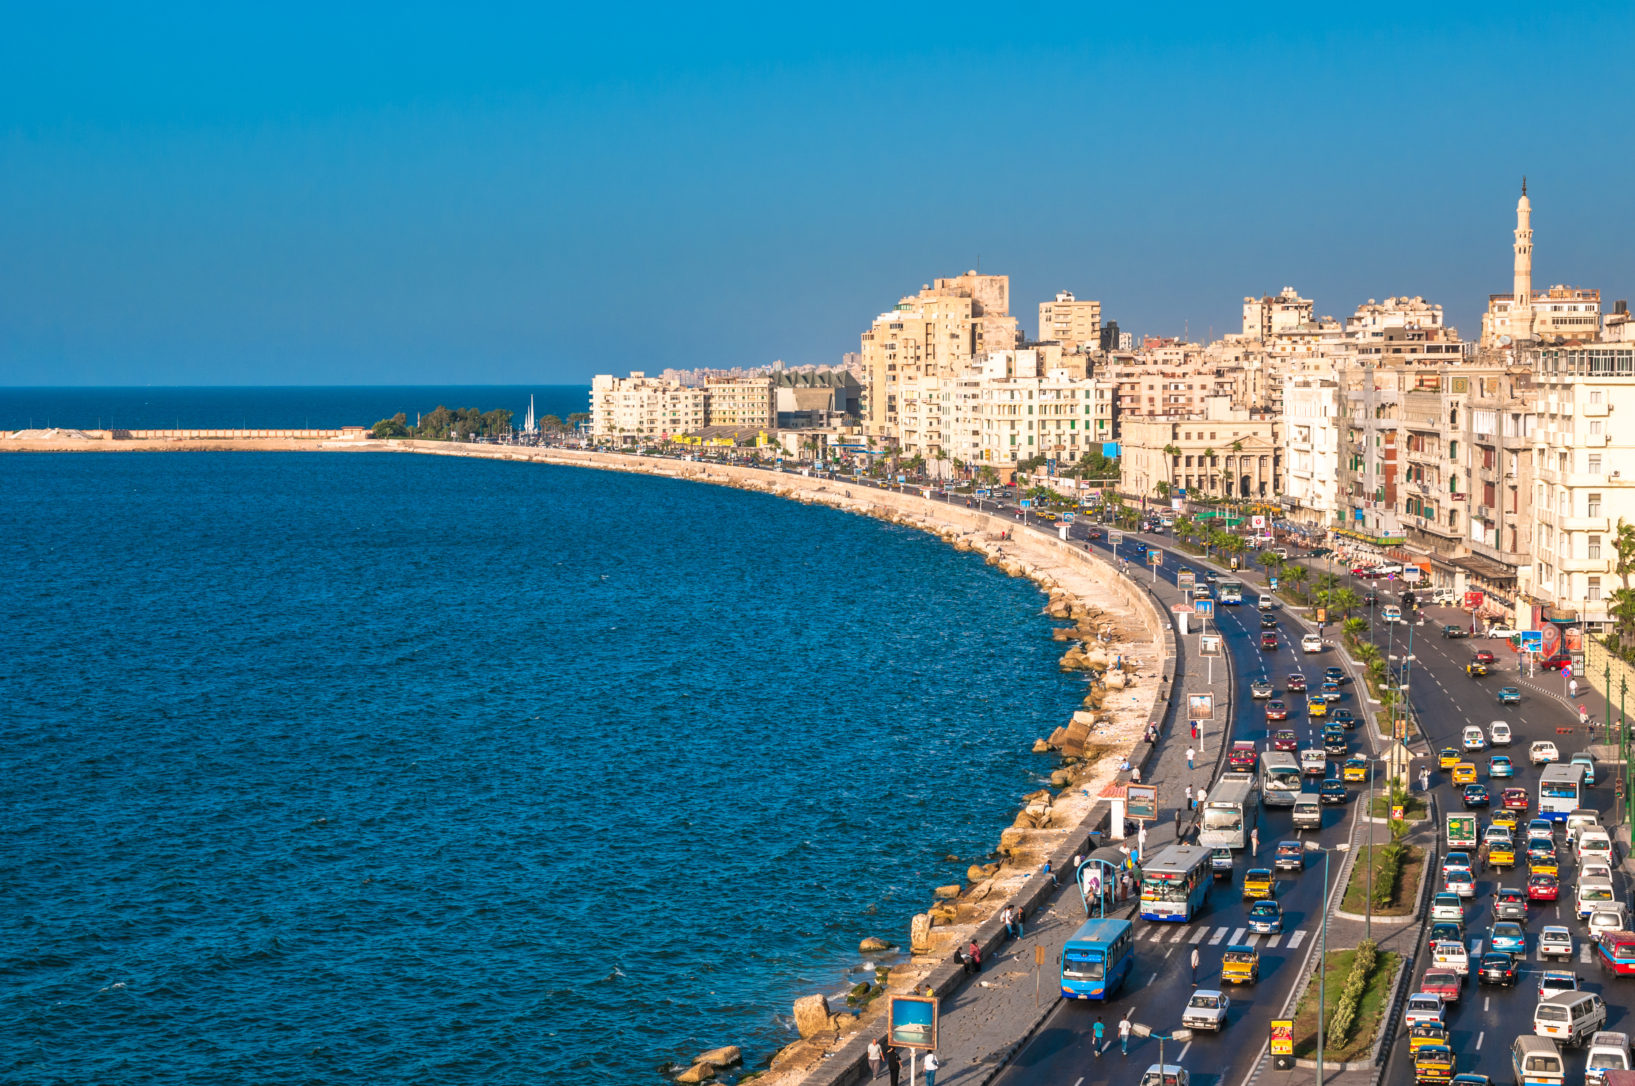 مدينة الإسكندرية المقرر إنشاء المستودعات البترولية فيها من جانب توتال وأولى إنرجي